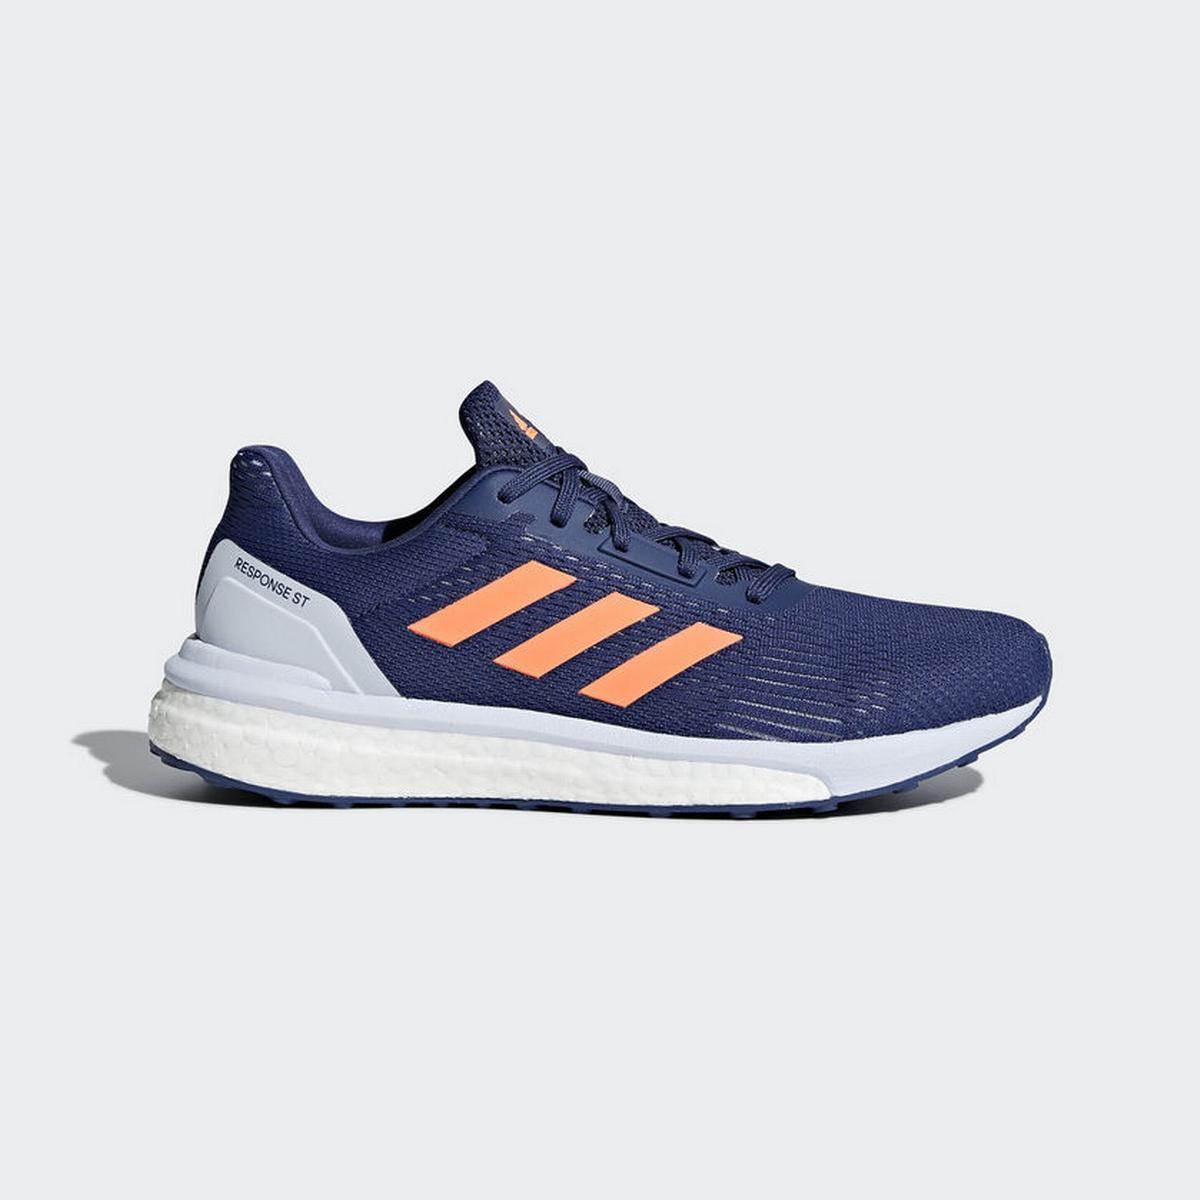 Adidas response st • Hitta det lägsta priset hos PriceRunner